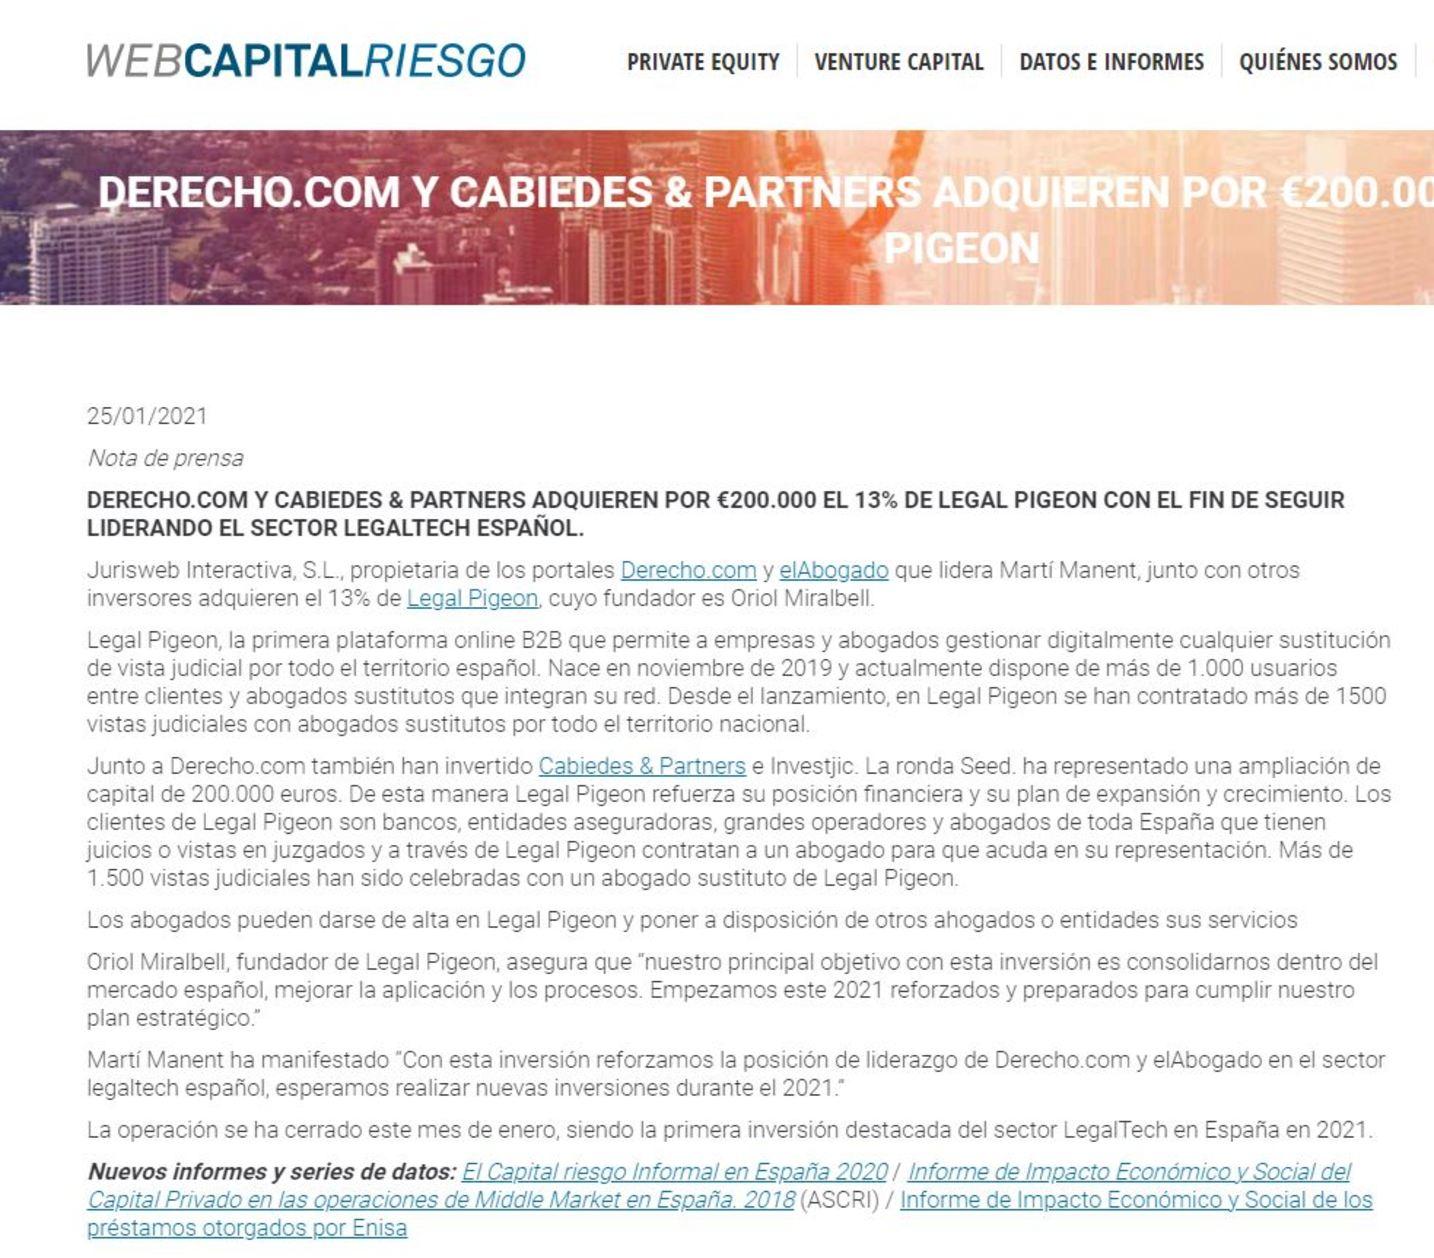 Web Capital Riesgo Legal Pigeon abogado sustituto